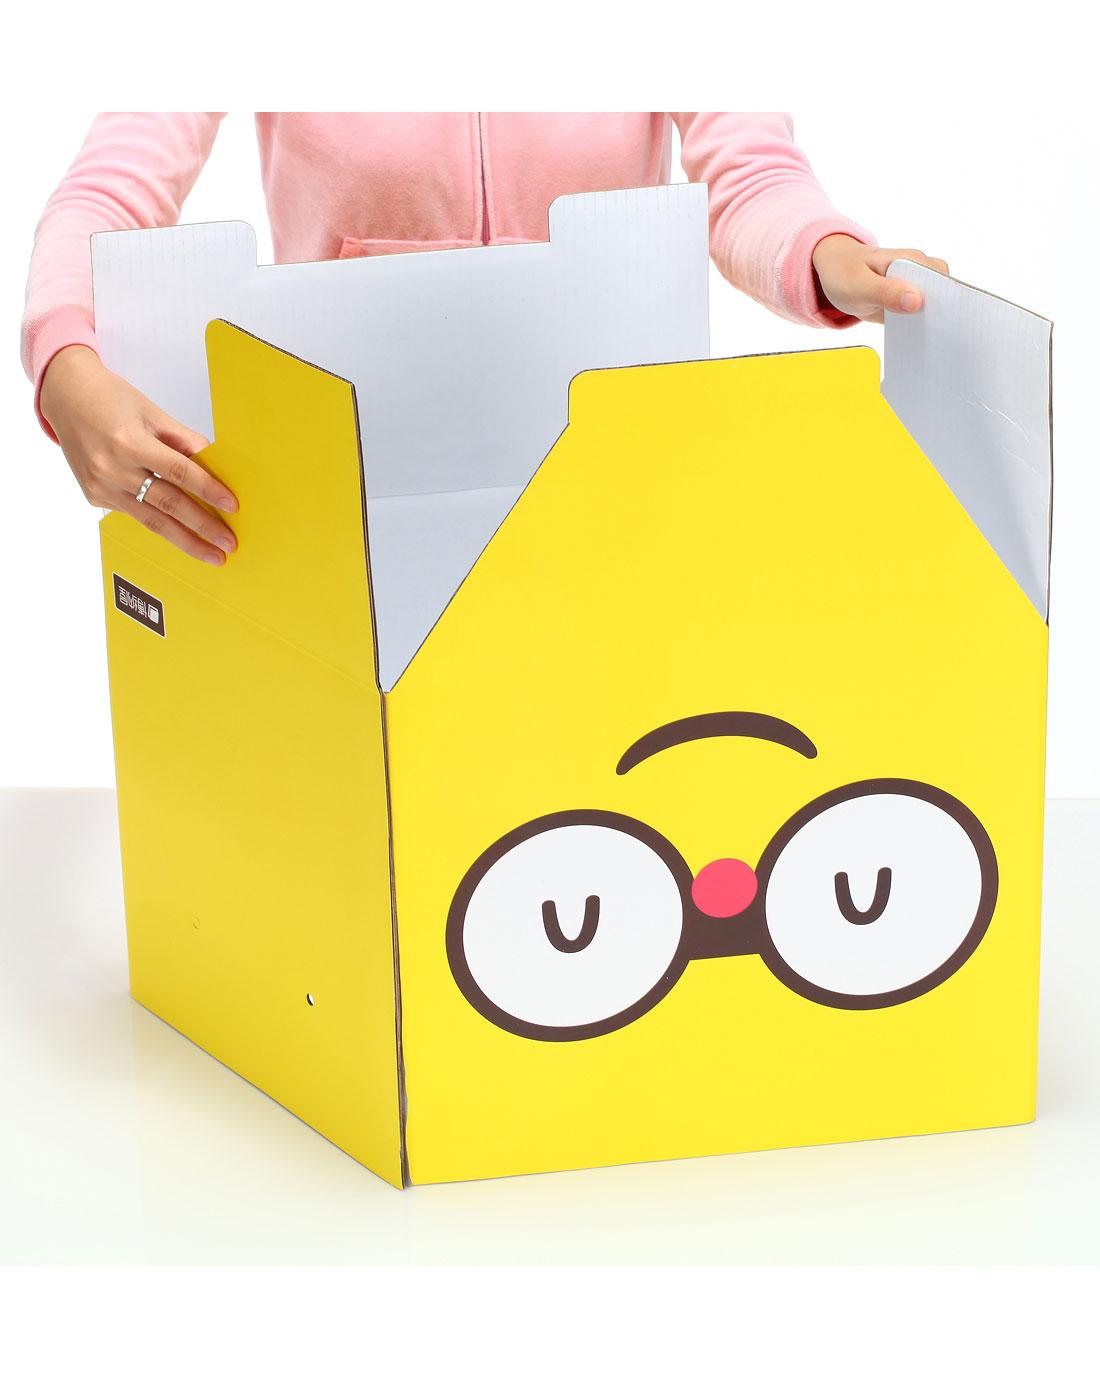 可爱表情系列收纳箱-黄色